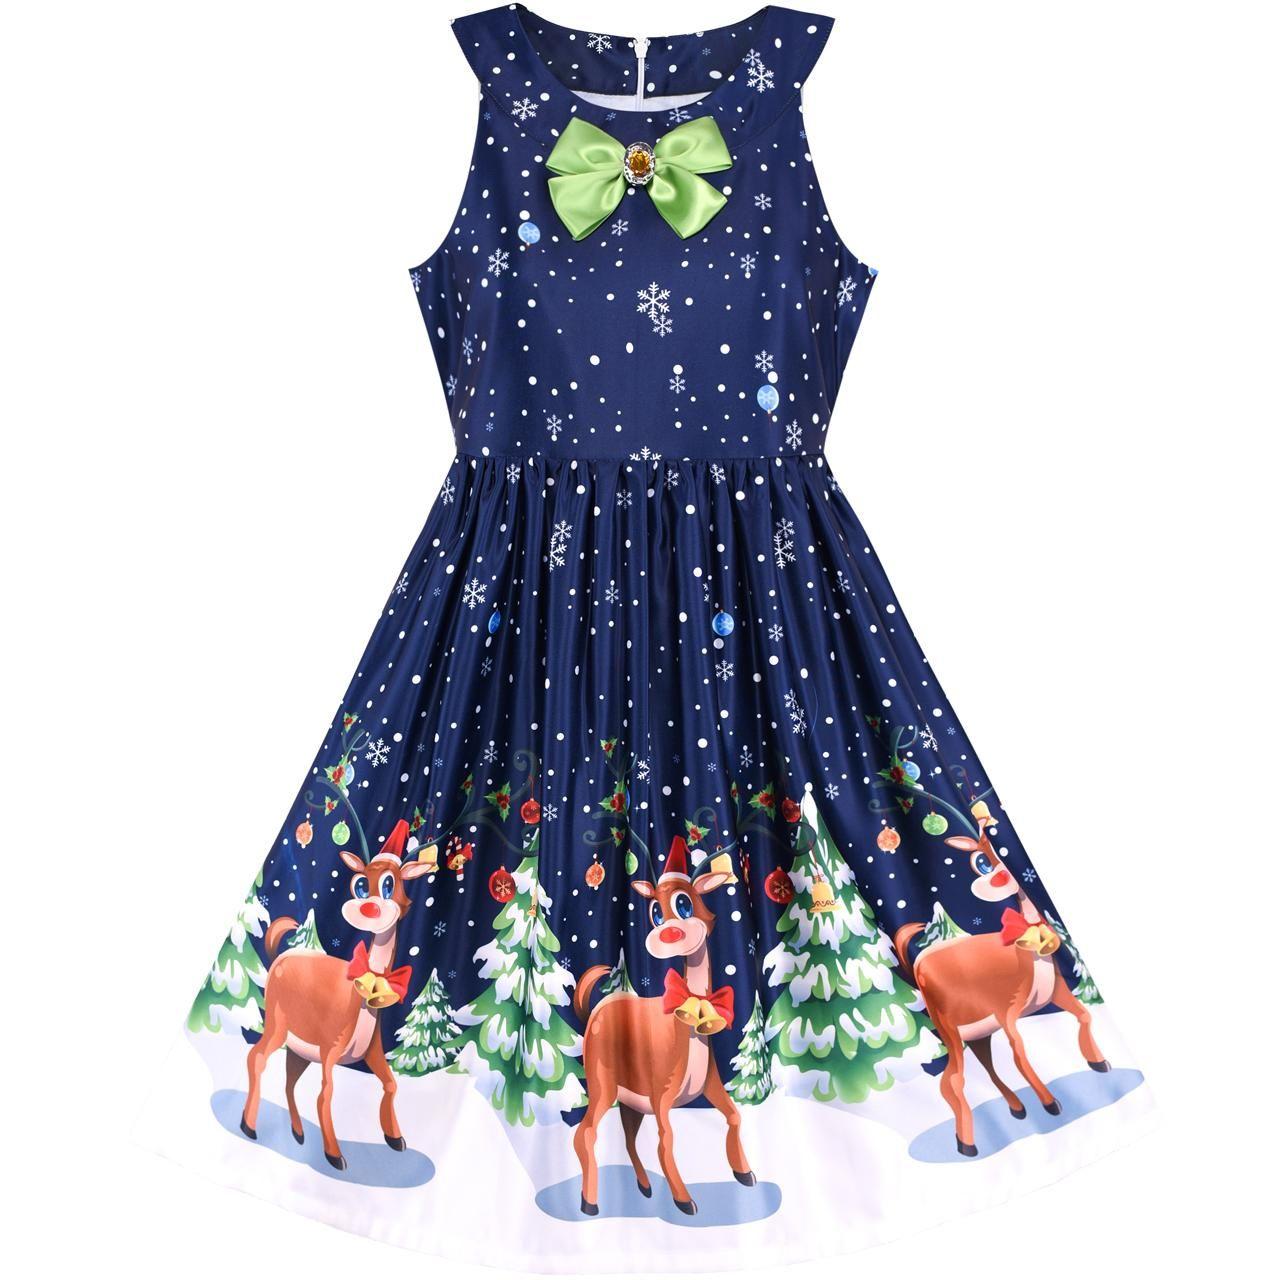 3de4d2fb0dc Details about Dress Christmas Snow Reindeer Party Princess Dresses Children  Clothes Size 7-14